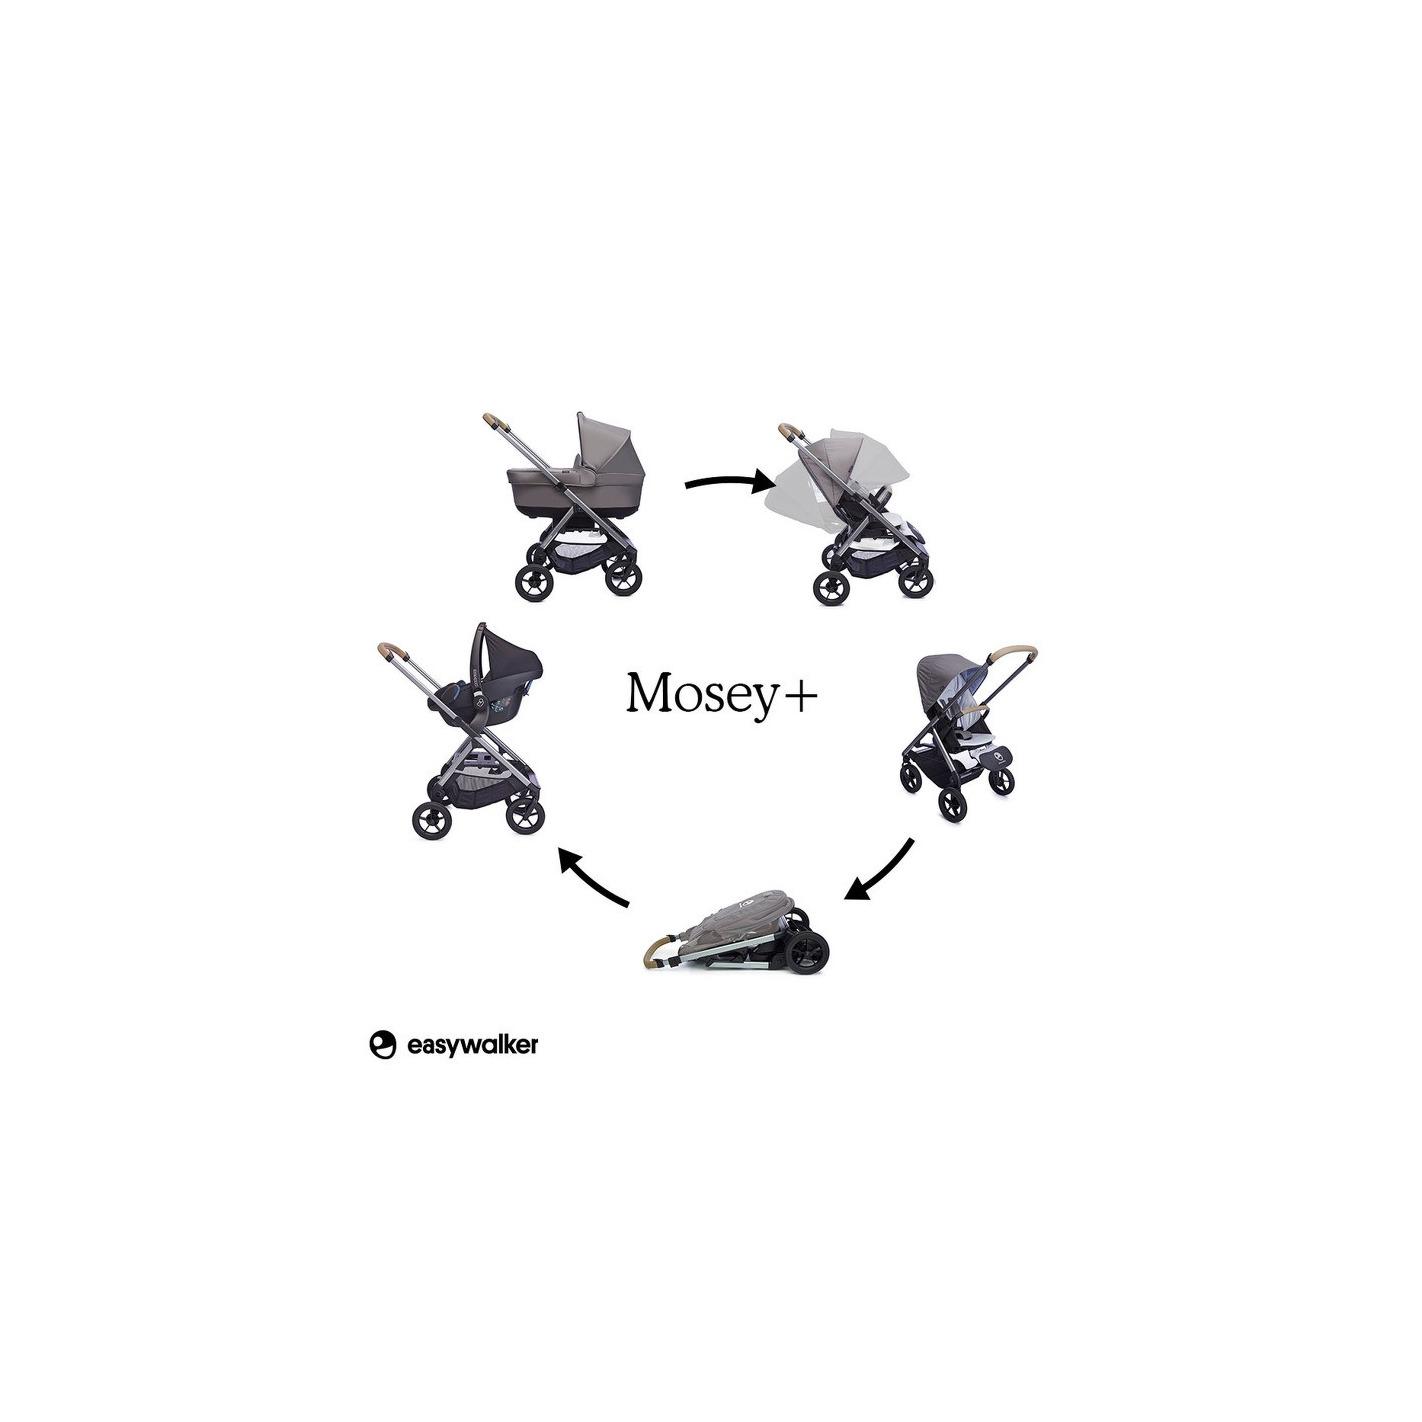 Easywalker Mosey Wozek G Boko Spacerowy Pebble Grey